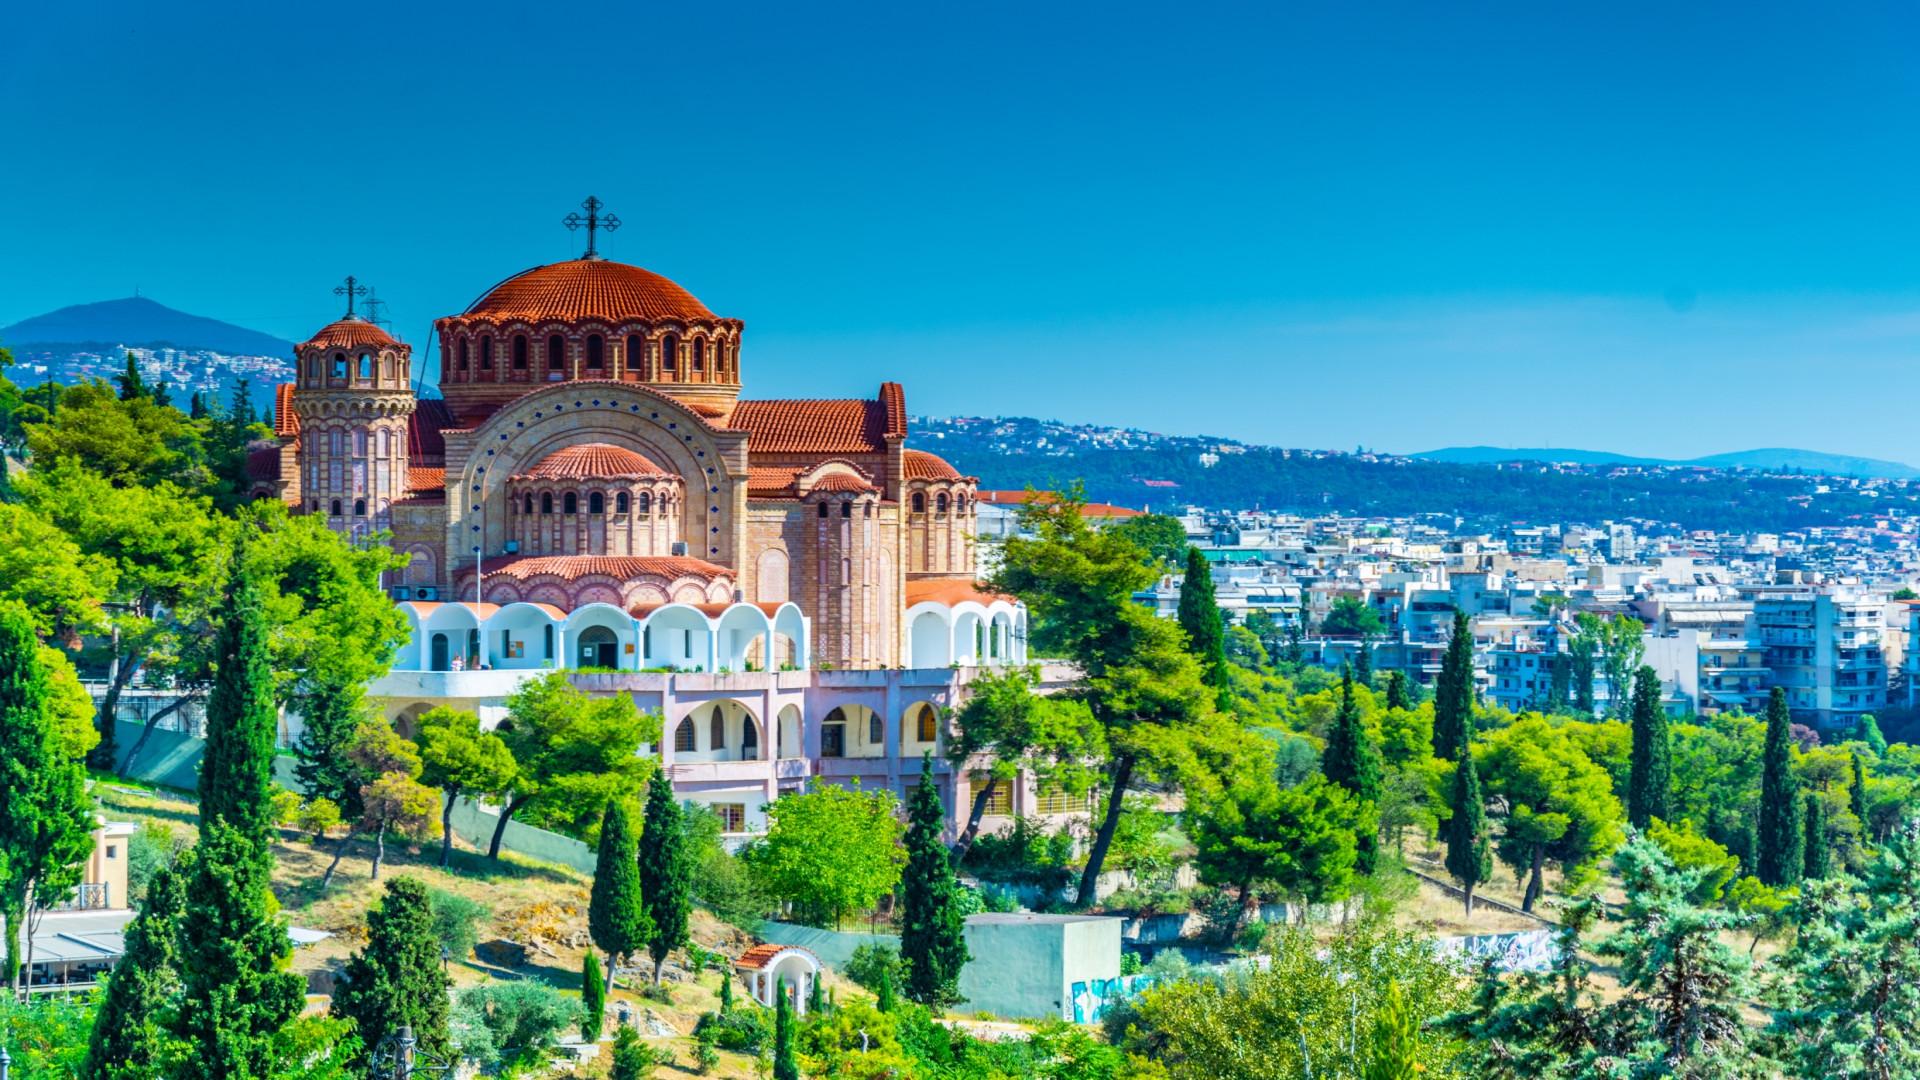 Saint Paul kathedraal, Thessaloniki, Griekenland